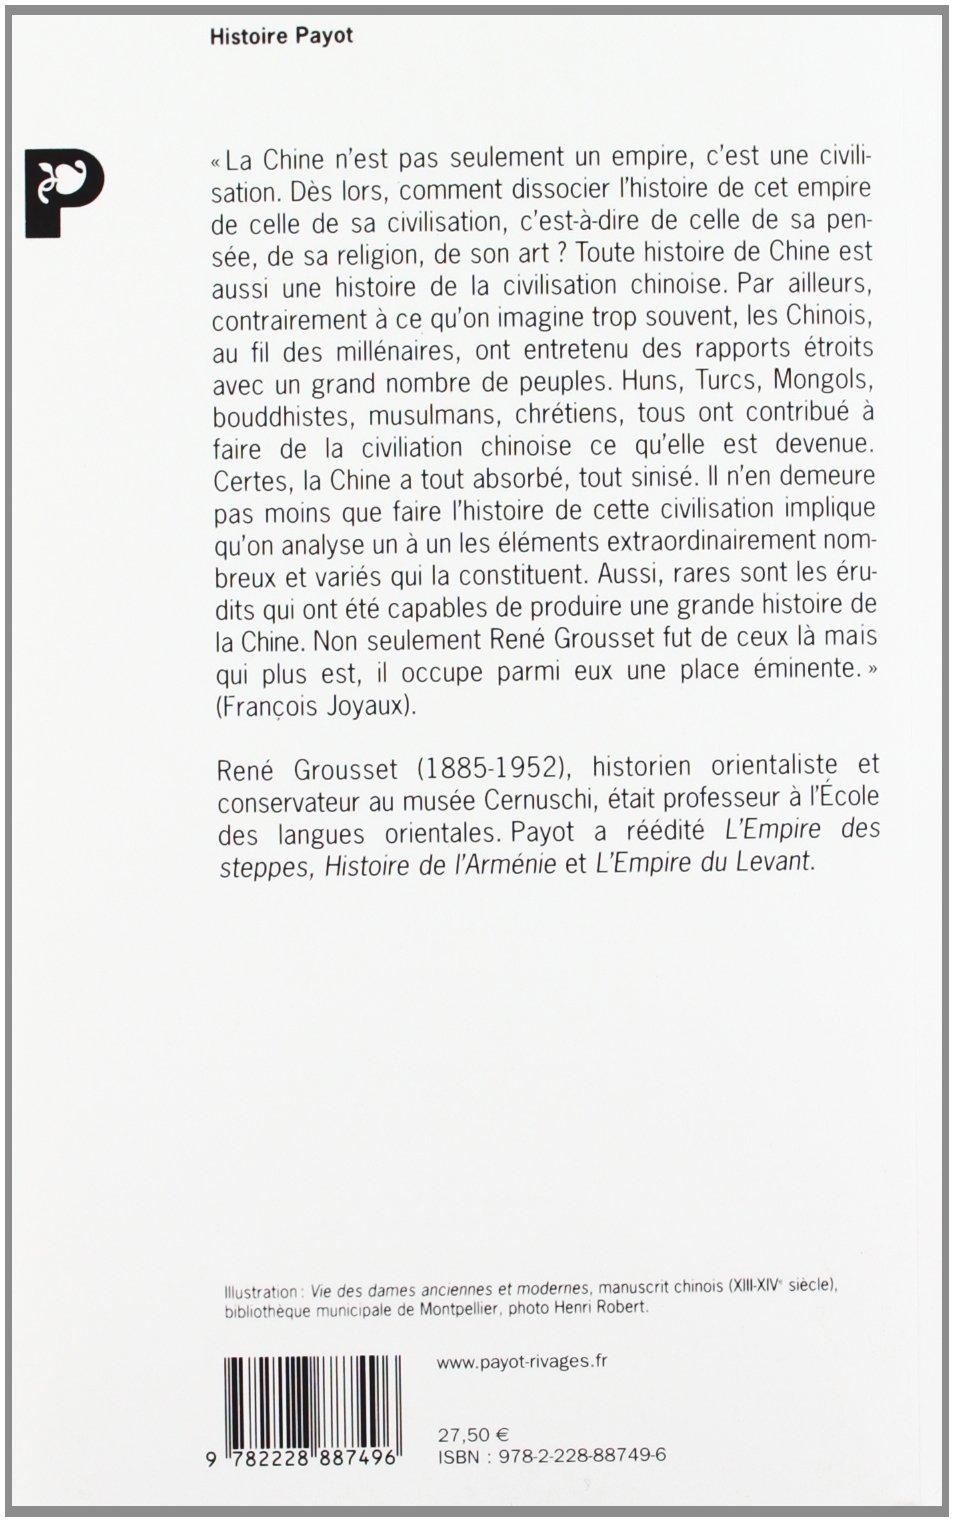 Histoire De La Chine Des Origines A La Seconde Revolution Amazon Fr Grousset Rene Livres